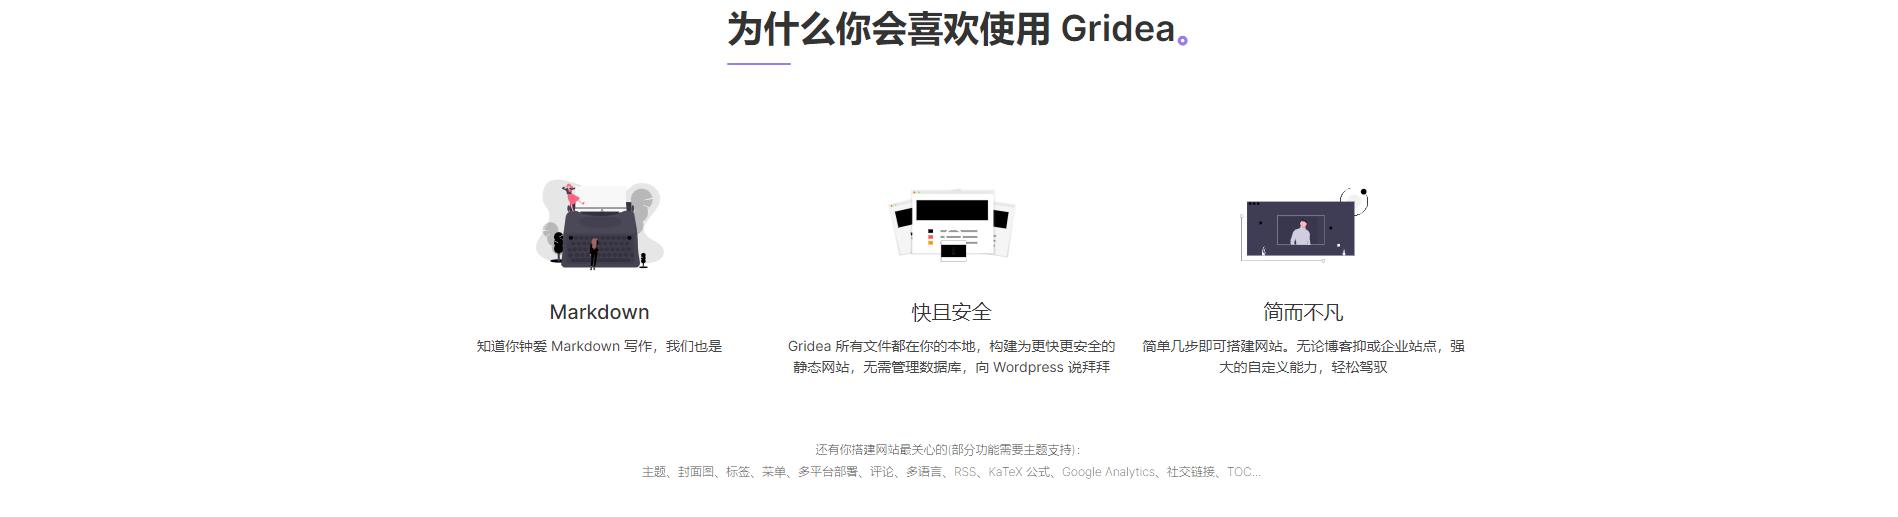 Gridea - 4